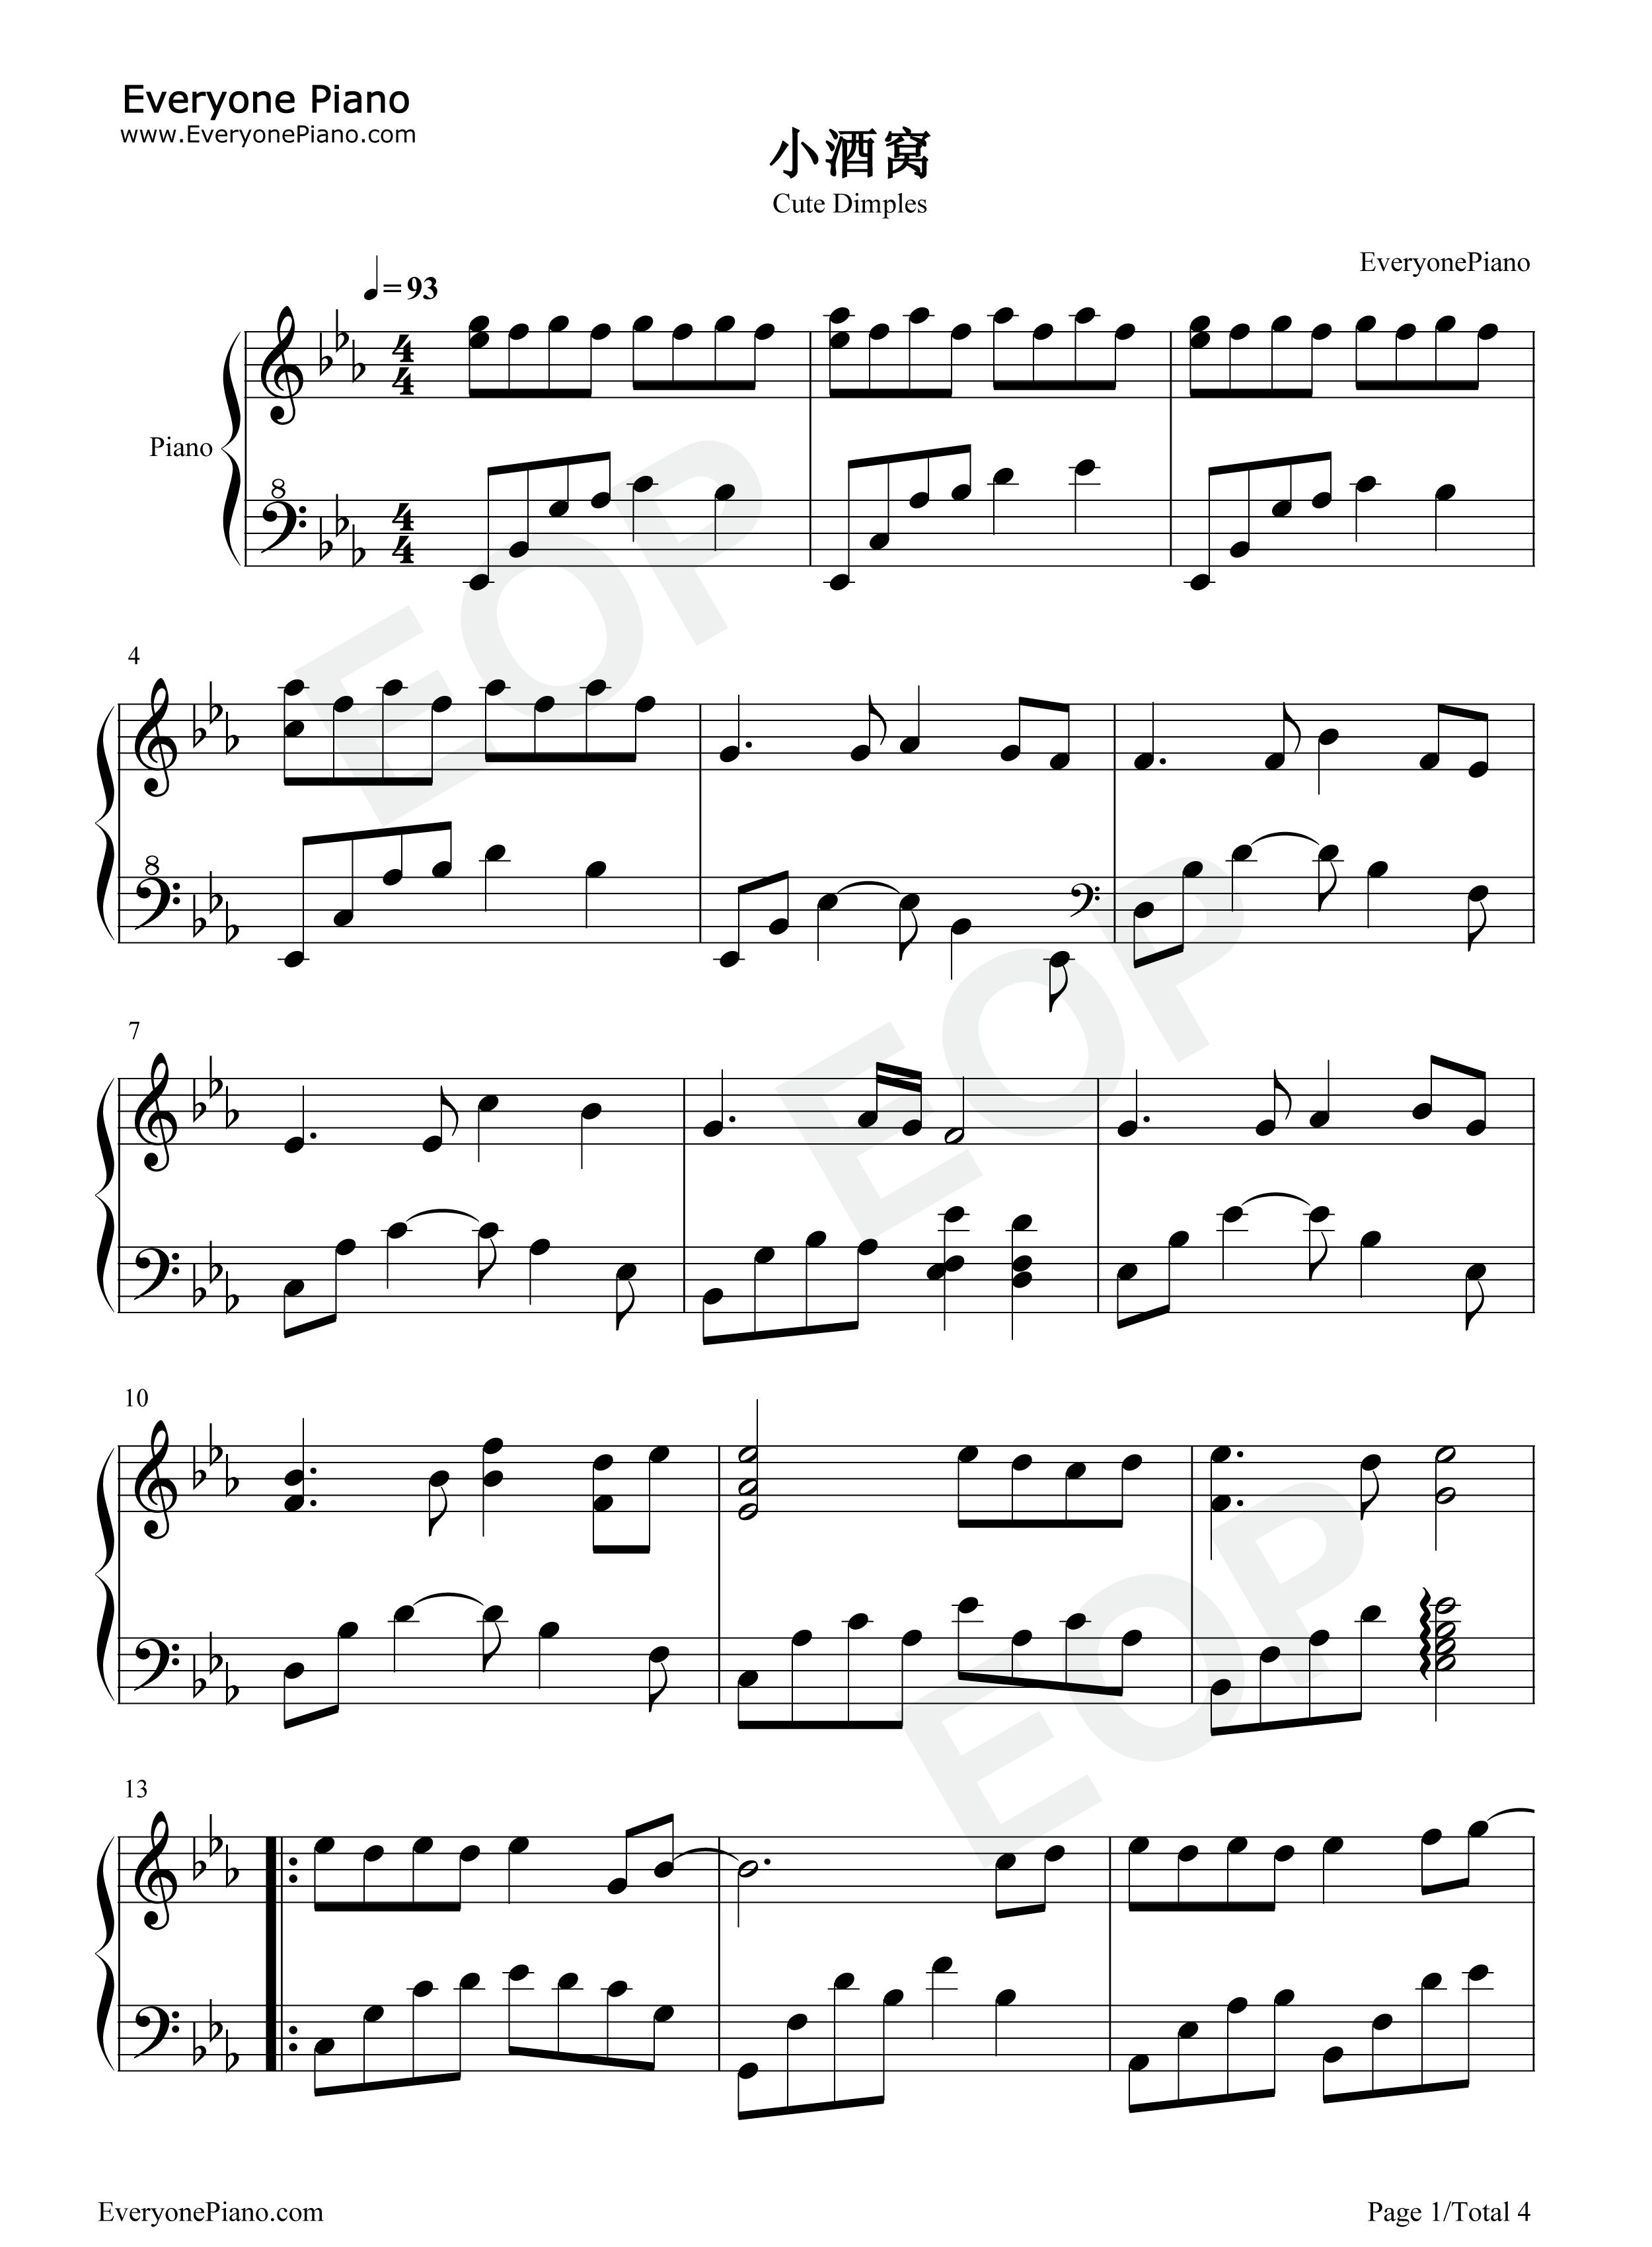 钢琴曲谱 流行 小酒窝-林俊杰&蔡卓妍 小酒窝-林俊杰&蔡卓妍五线谱